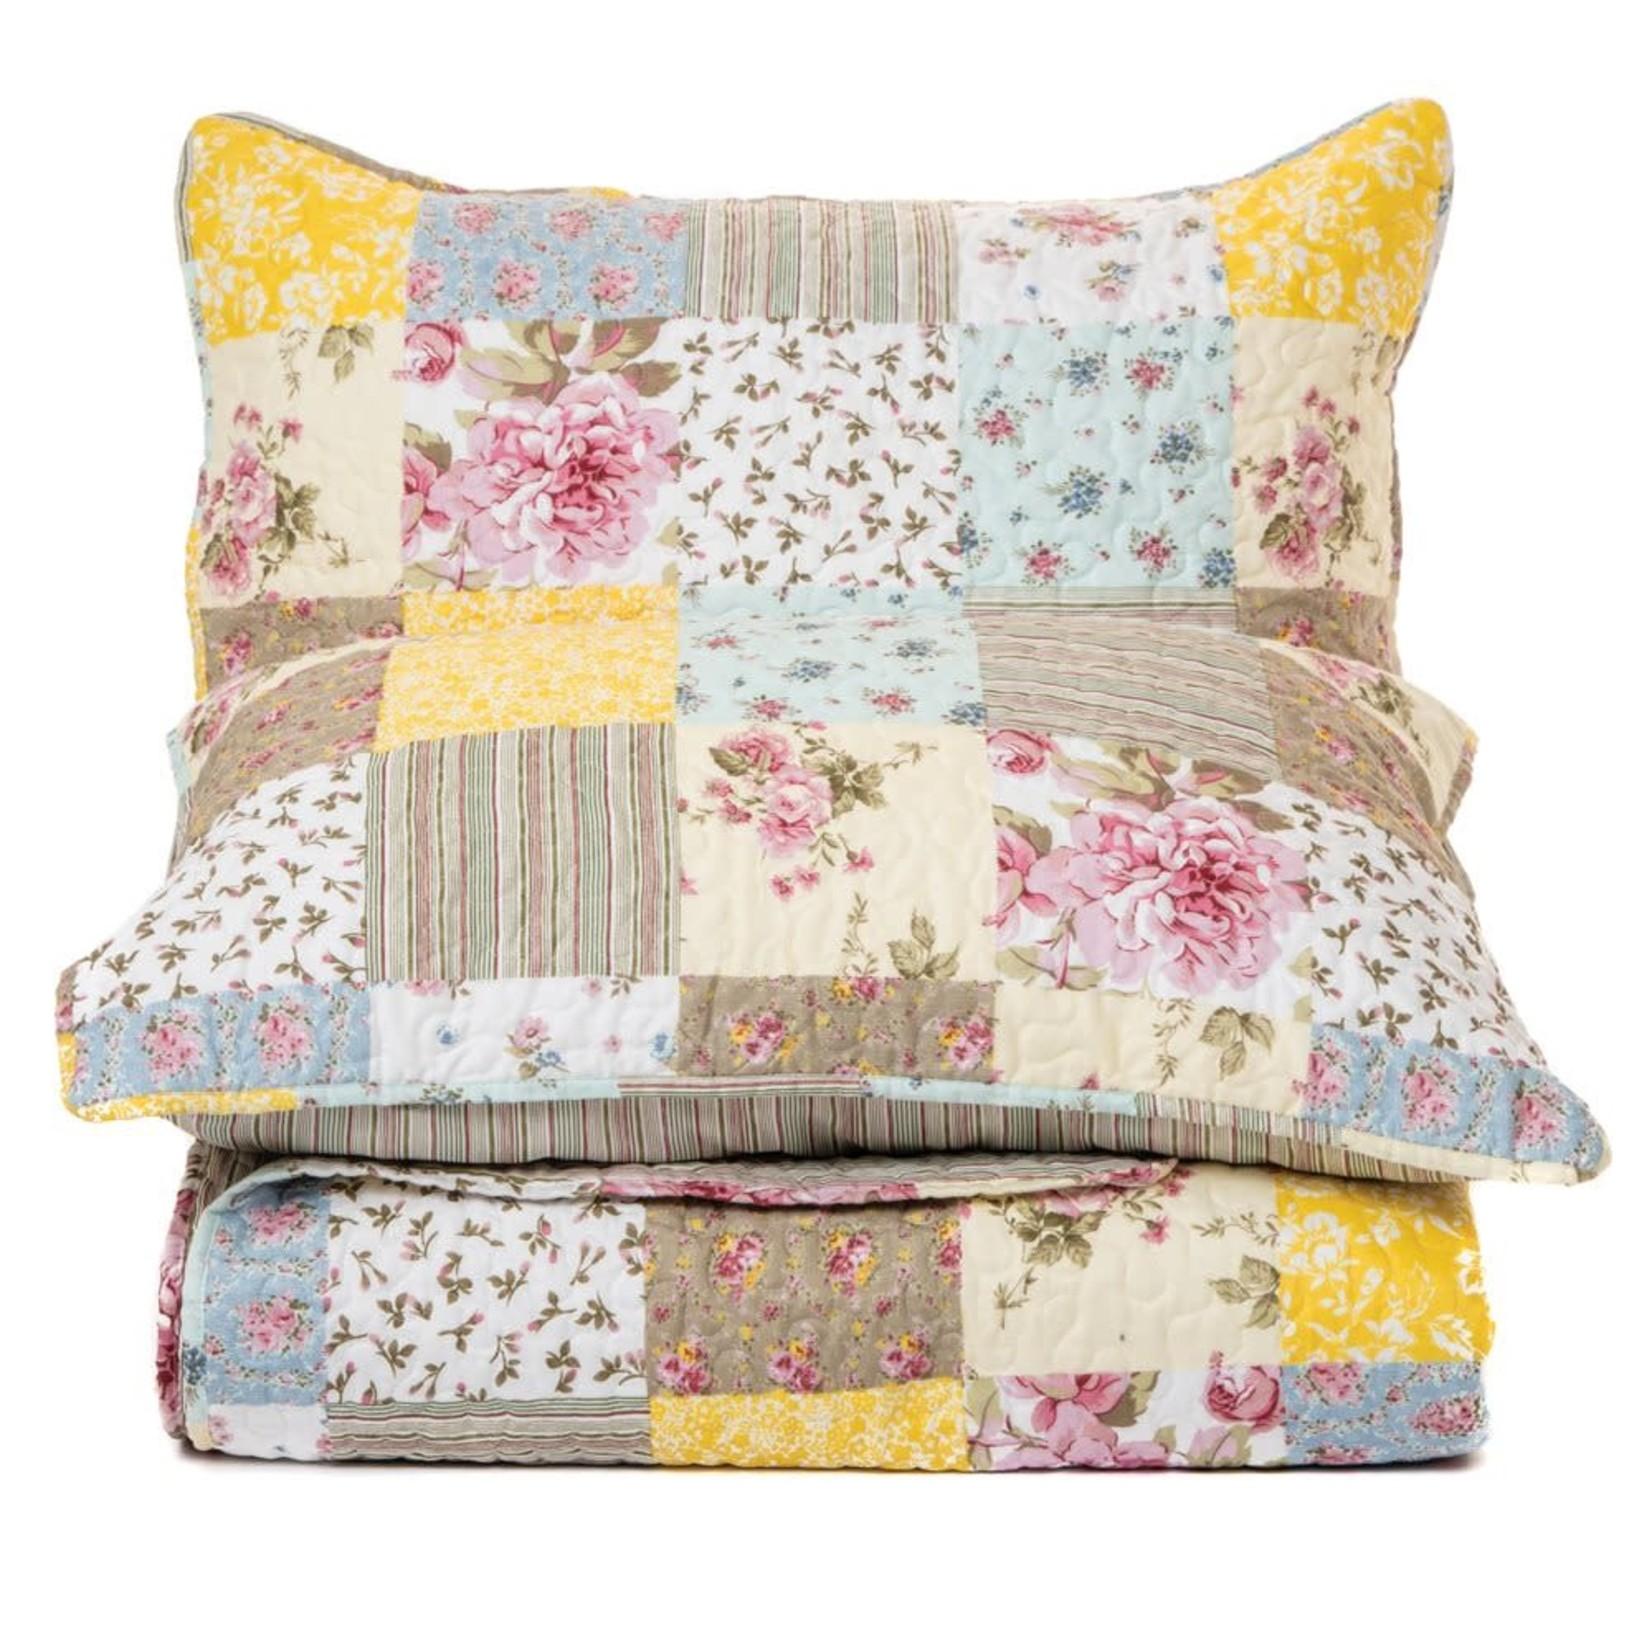 Loona Flowered - Double/Queen Quilt